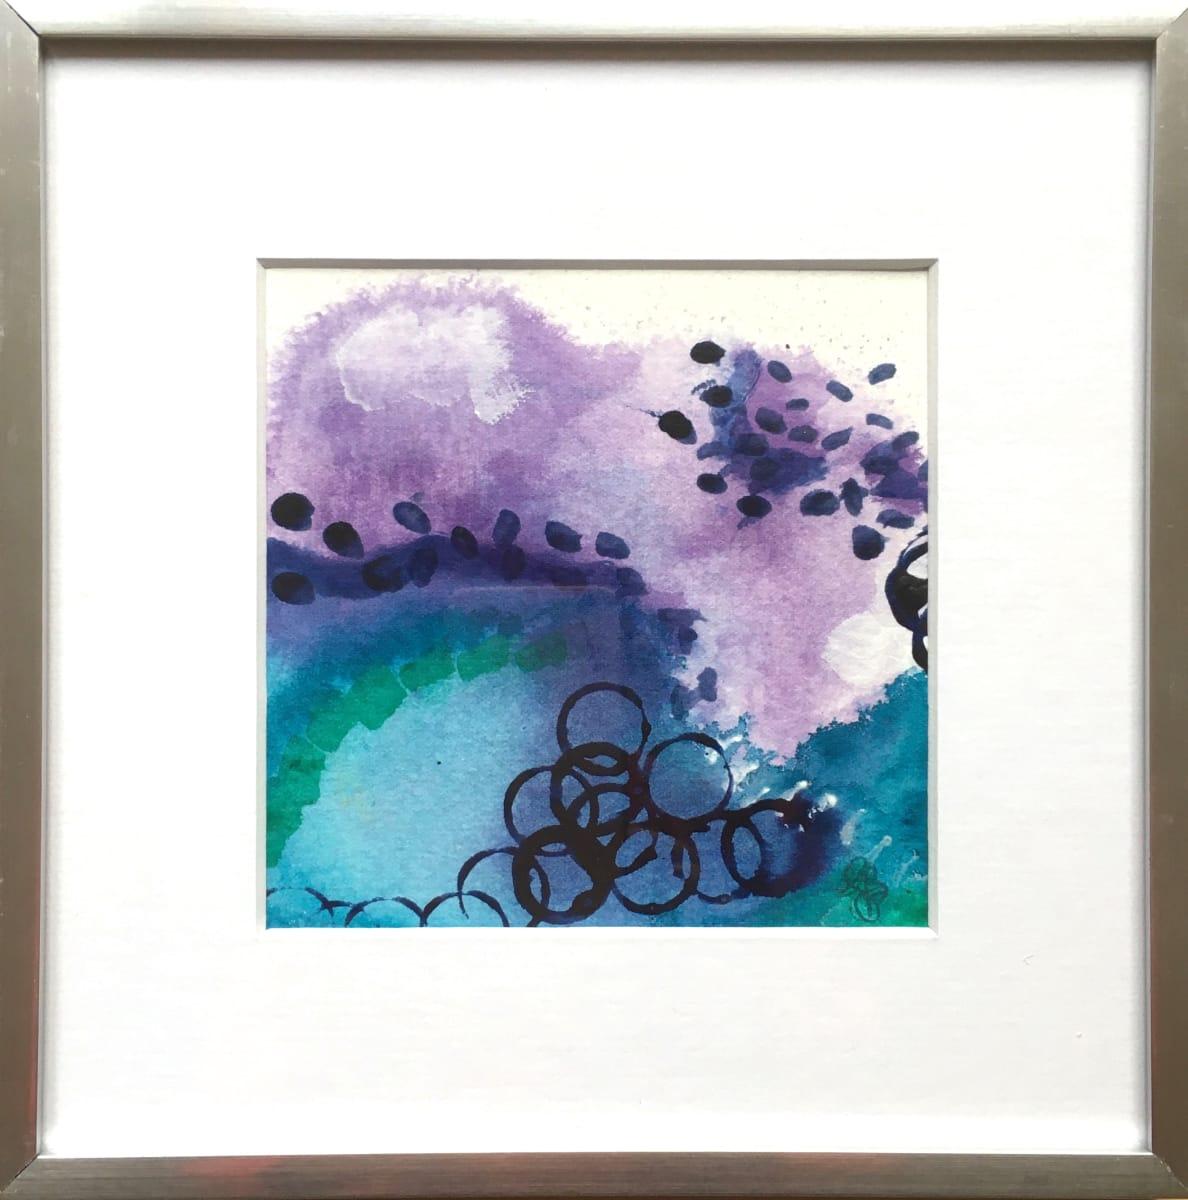 Ocean Joy no.12 by Julea Boswell